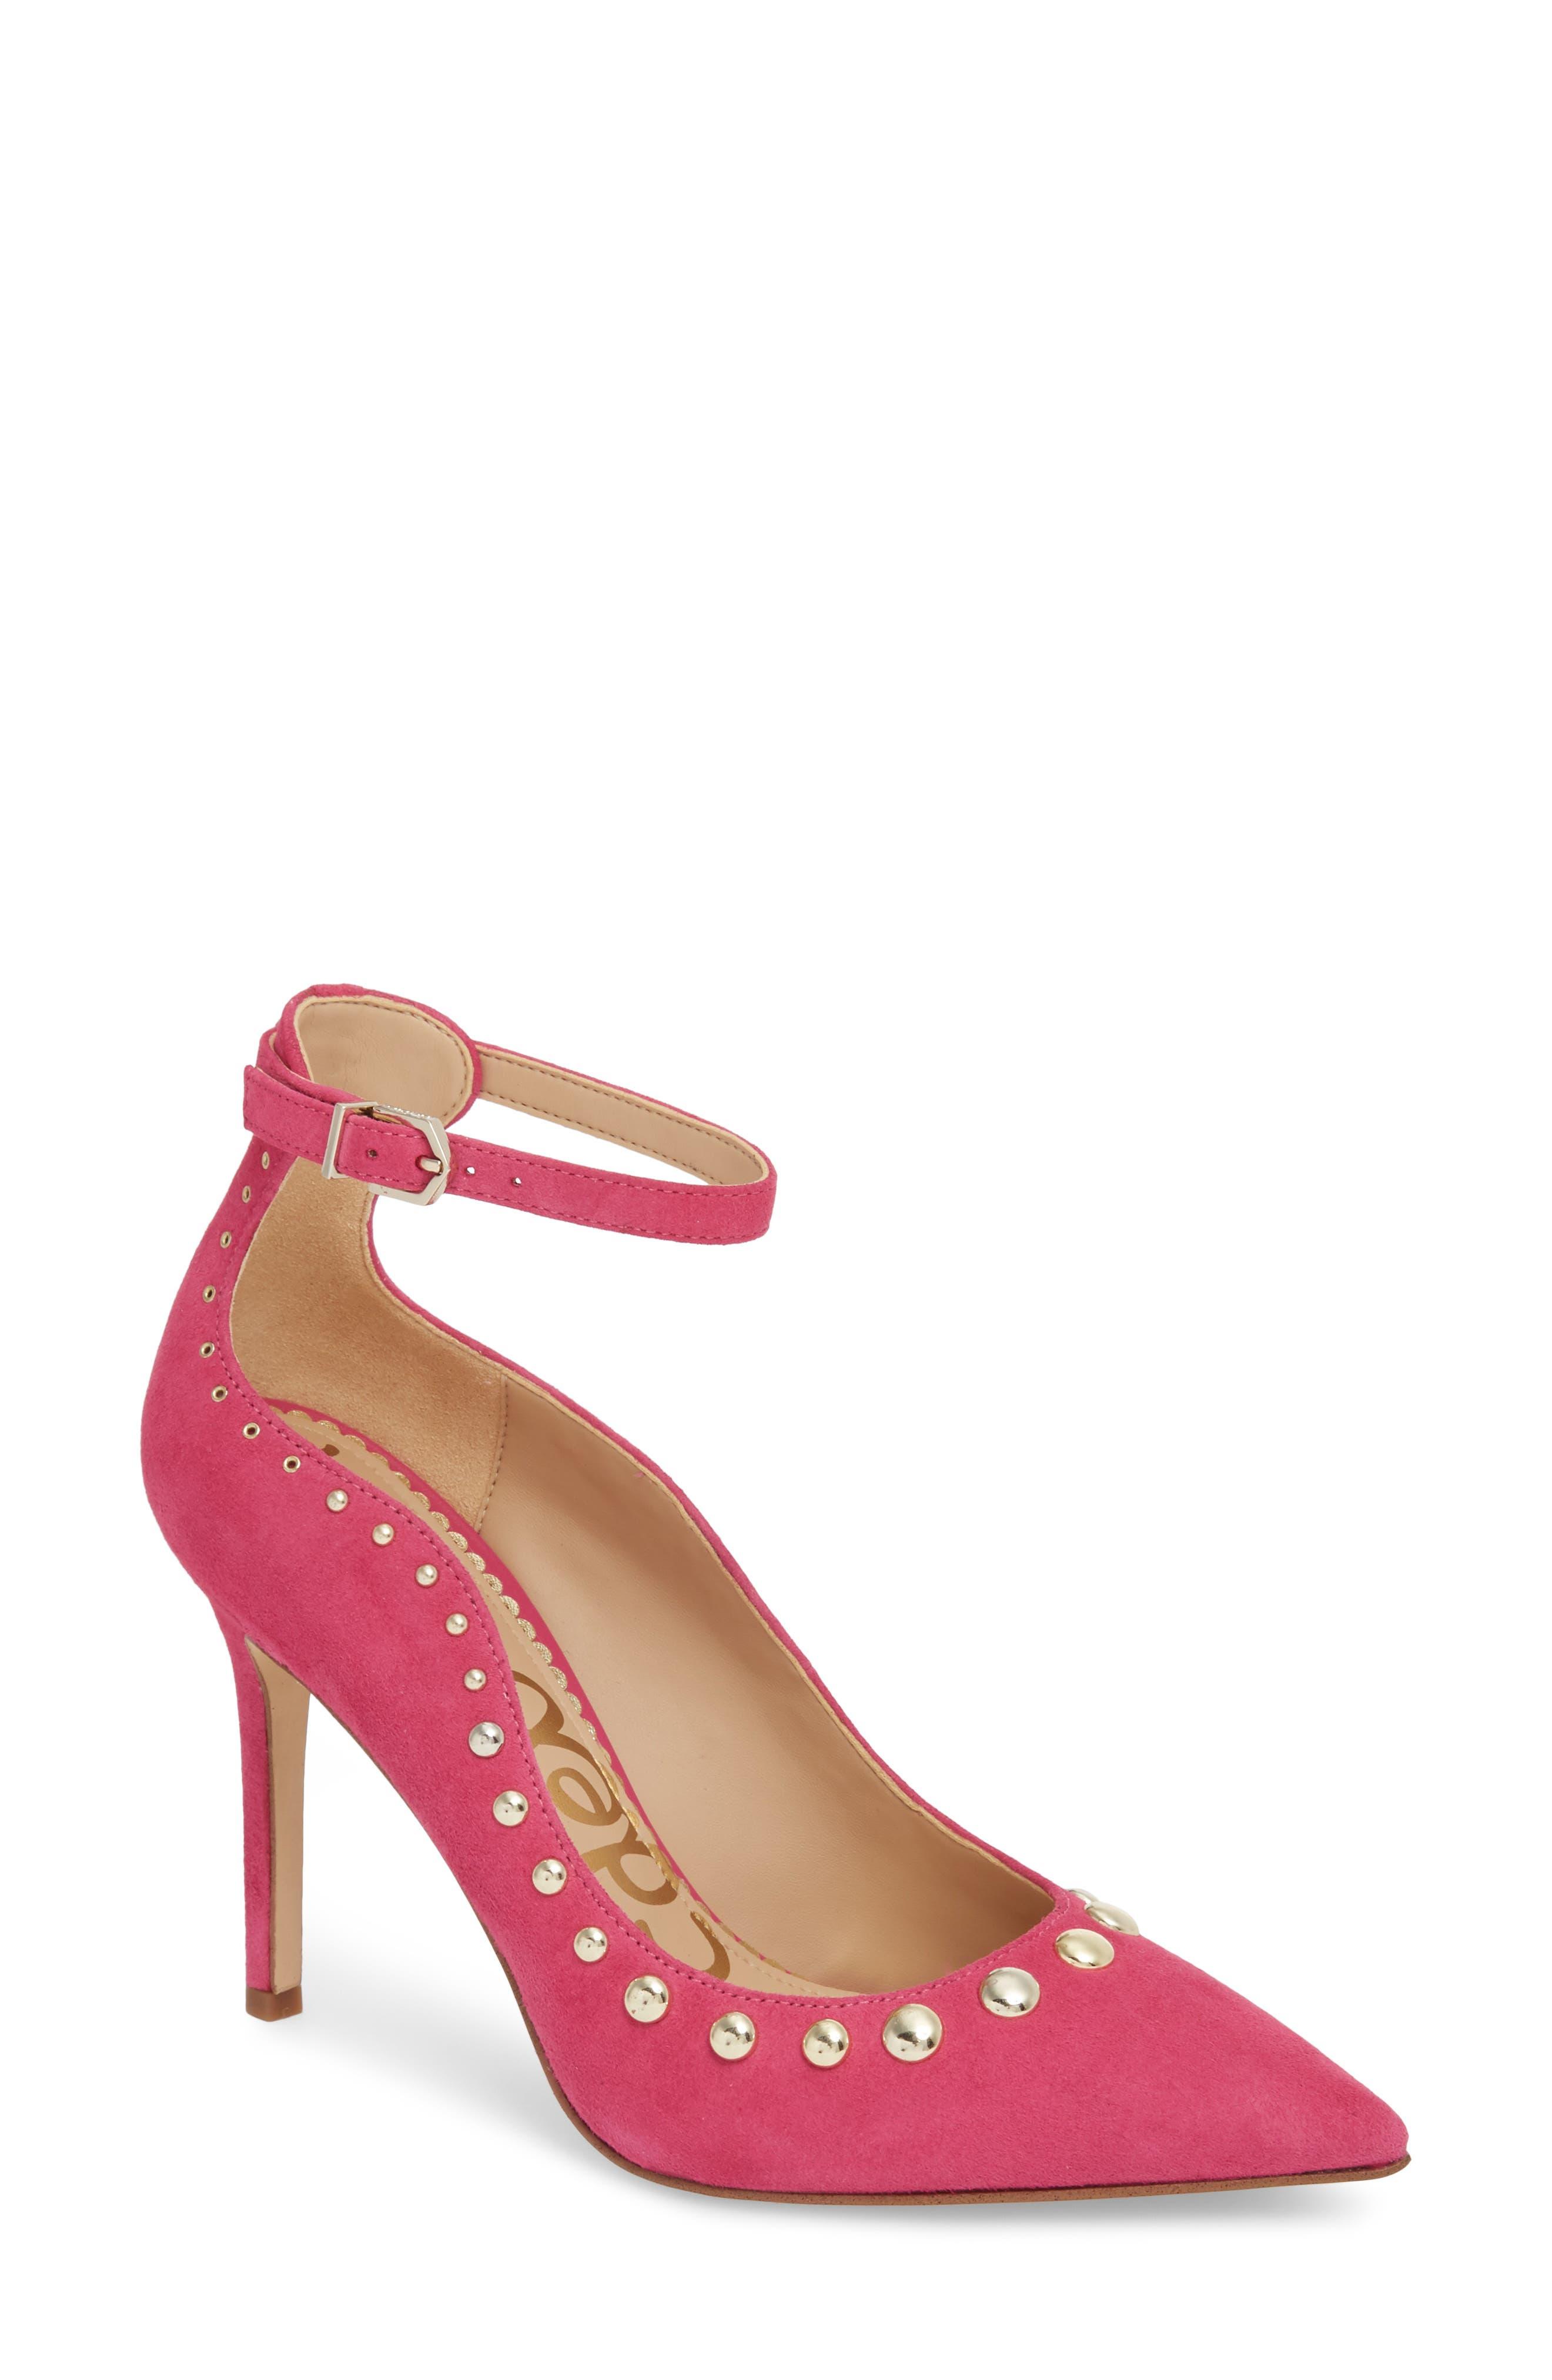 GardeniaCUPITER - Classic heels - satin pink xZUEOpY5